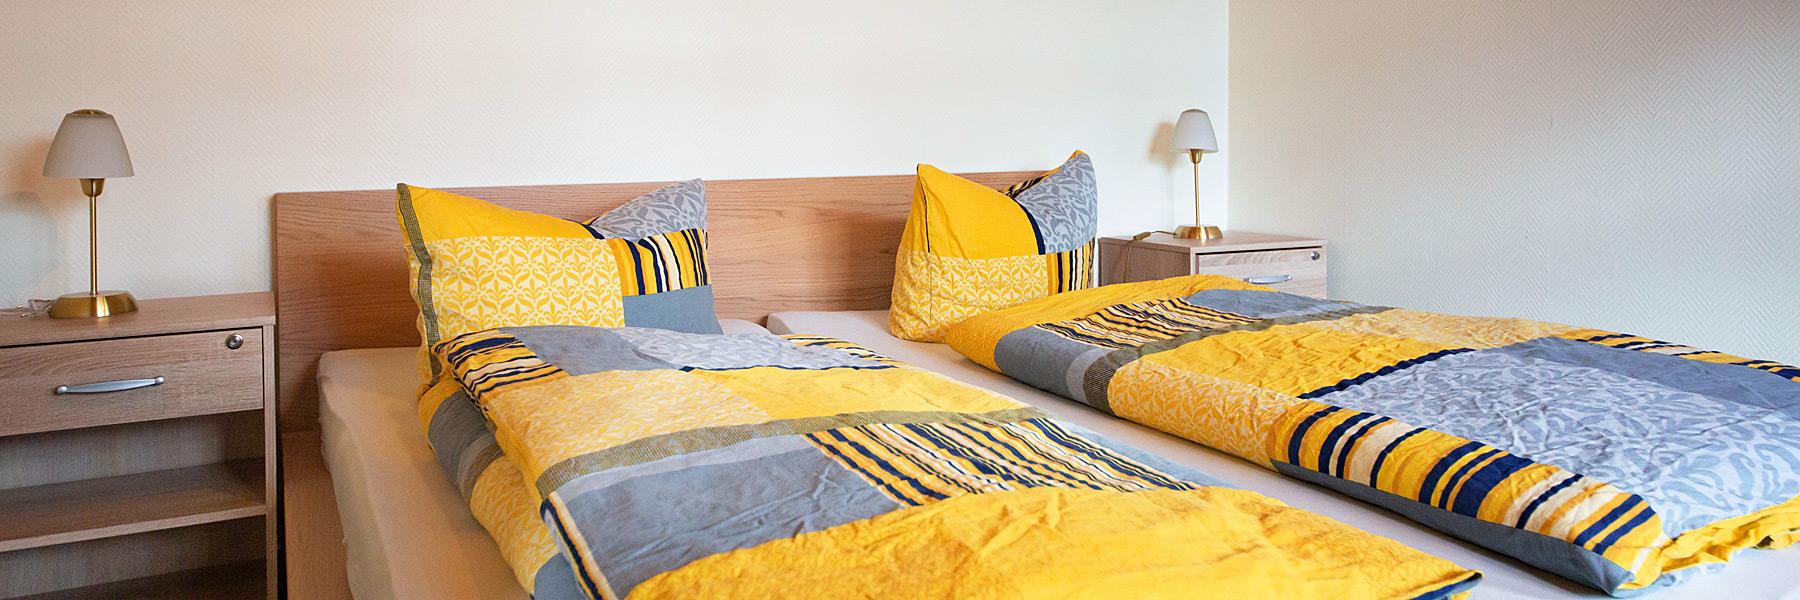 Doppelbett - Ferienwohnungen im Fischerhus